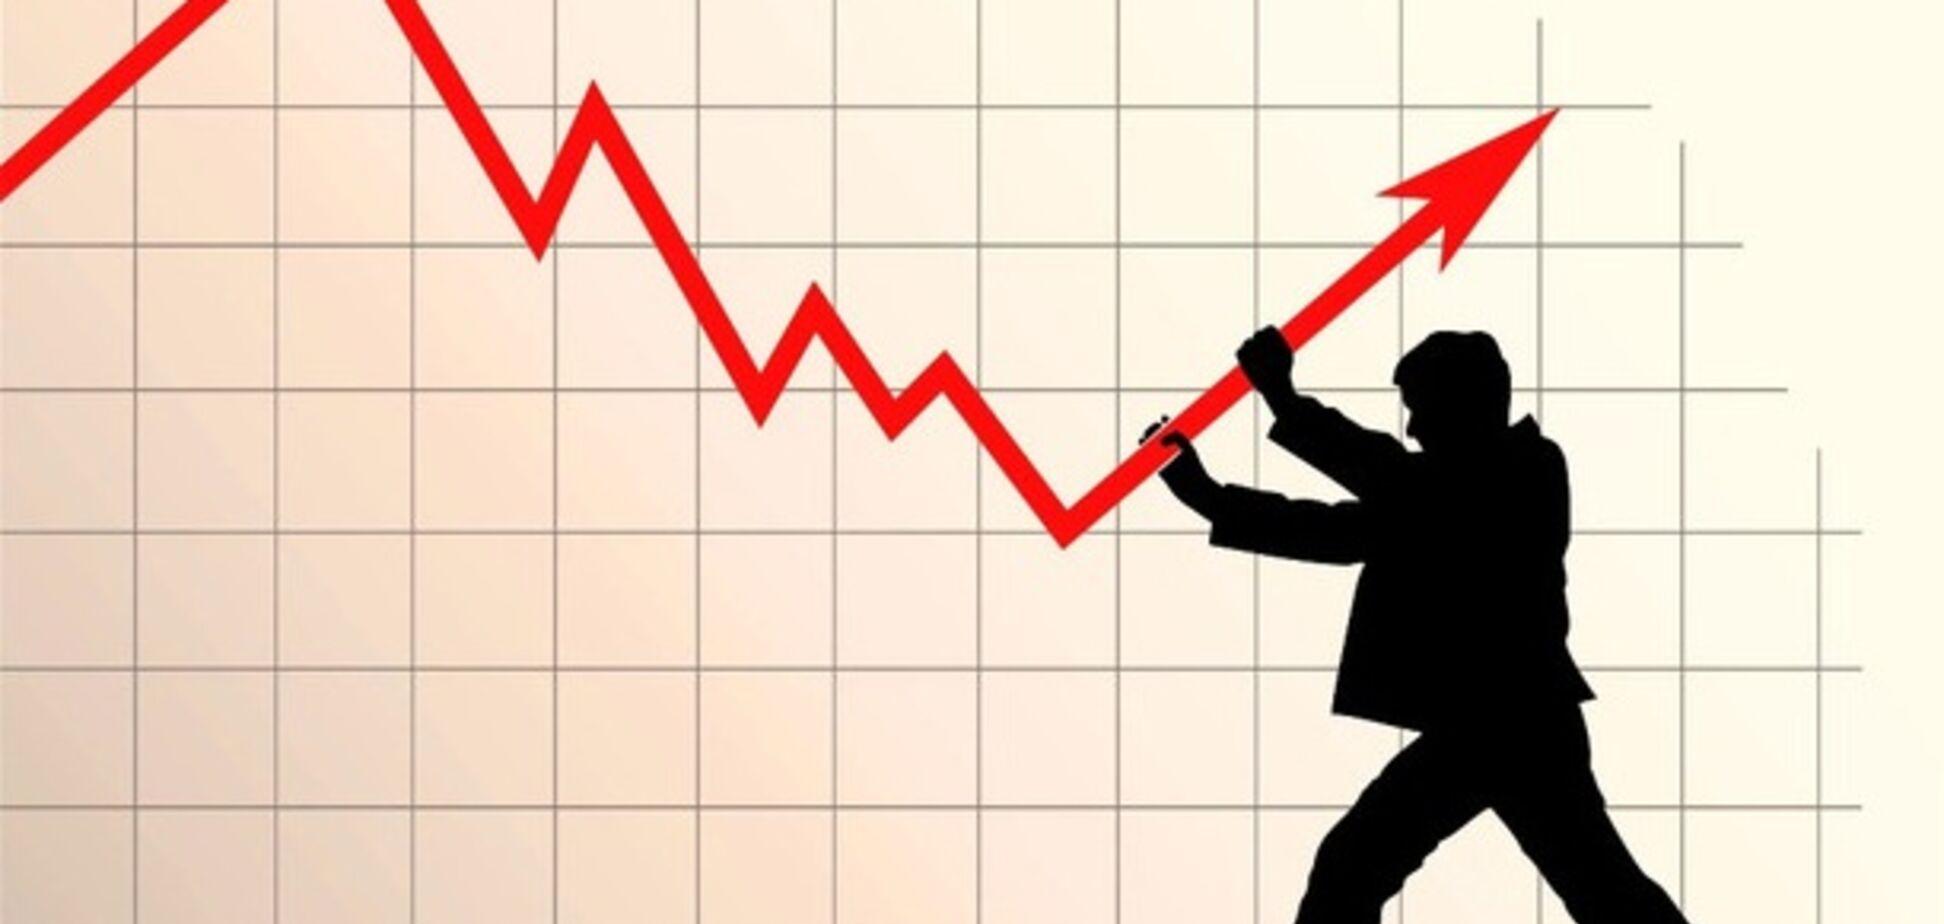 Управління бізнесом під час кризи: професор програми МВА поділився реальними порадами